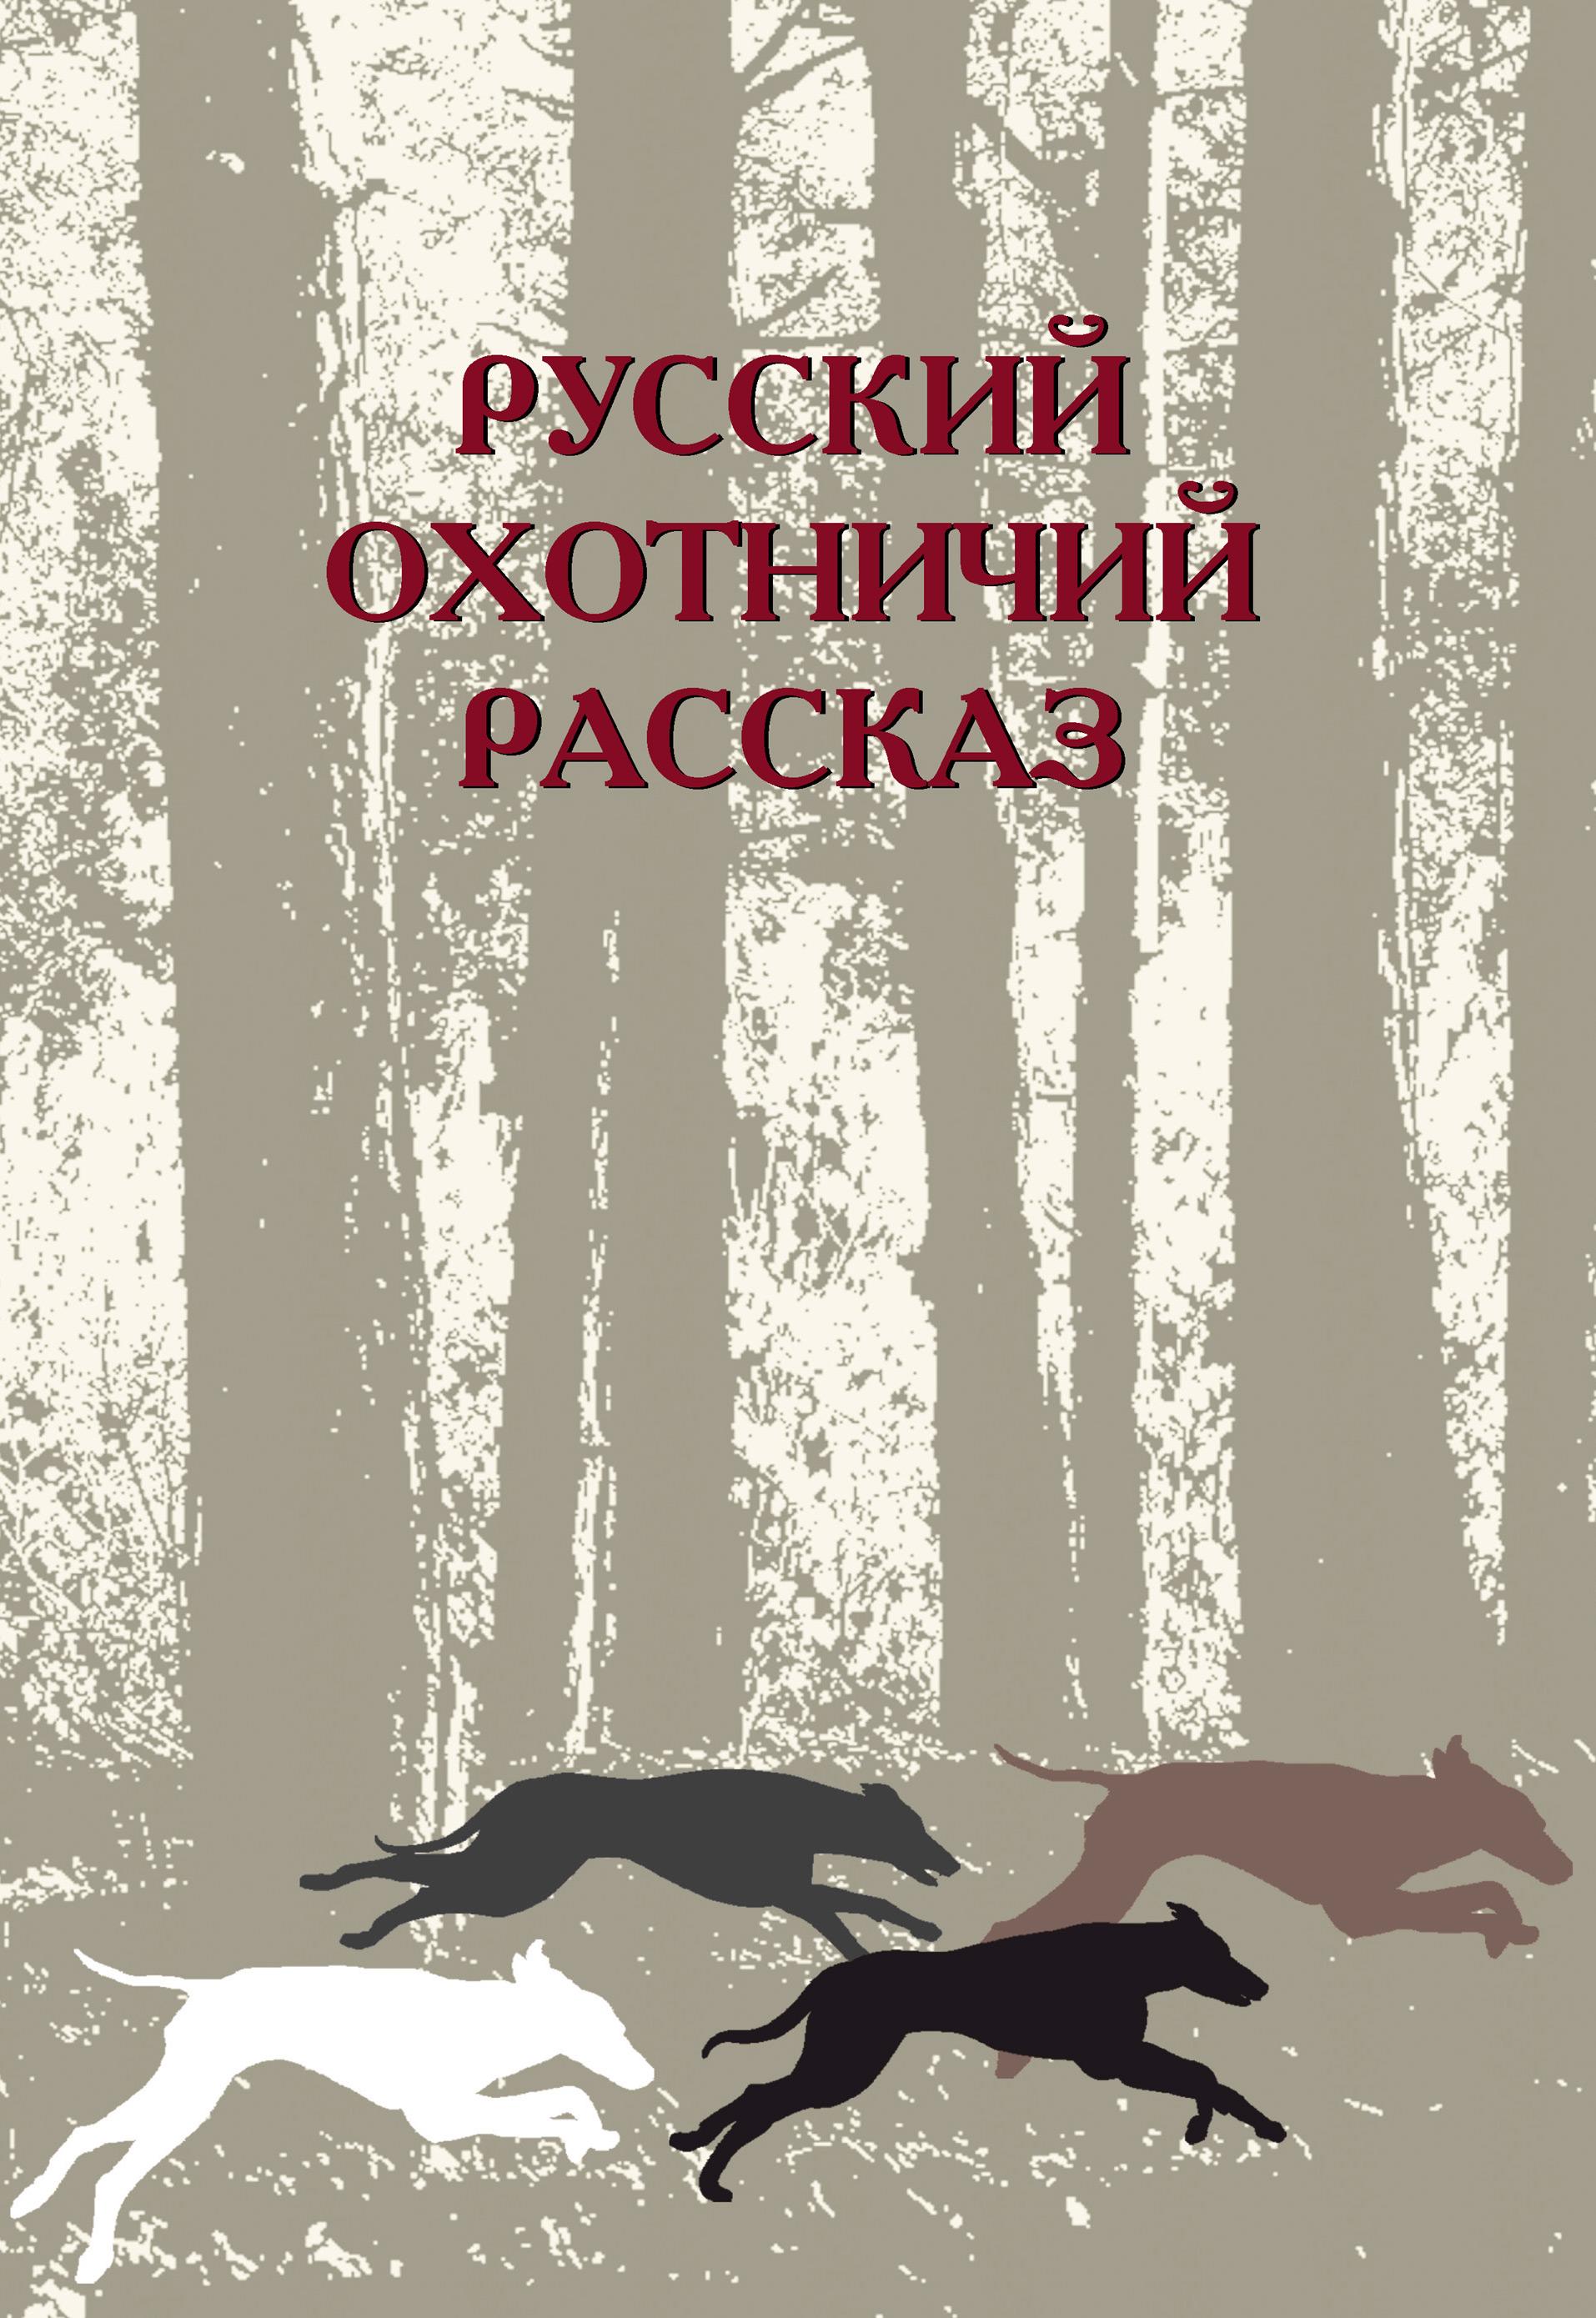 Русский охотничий рассказ